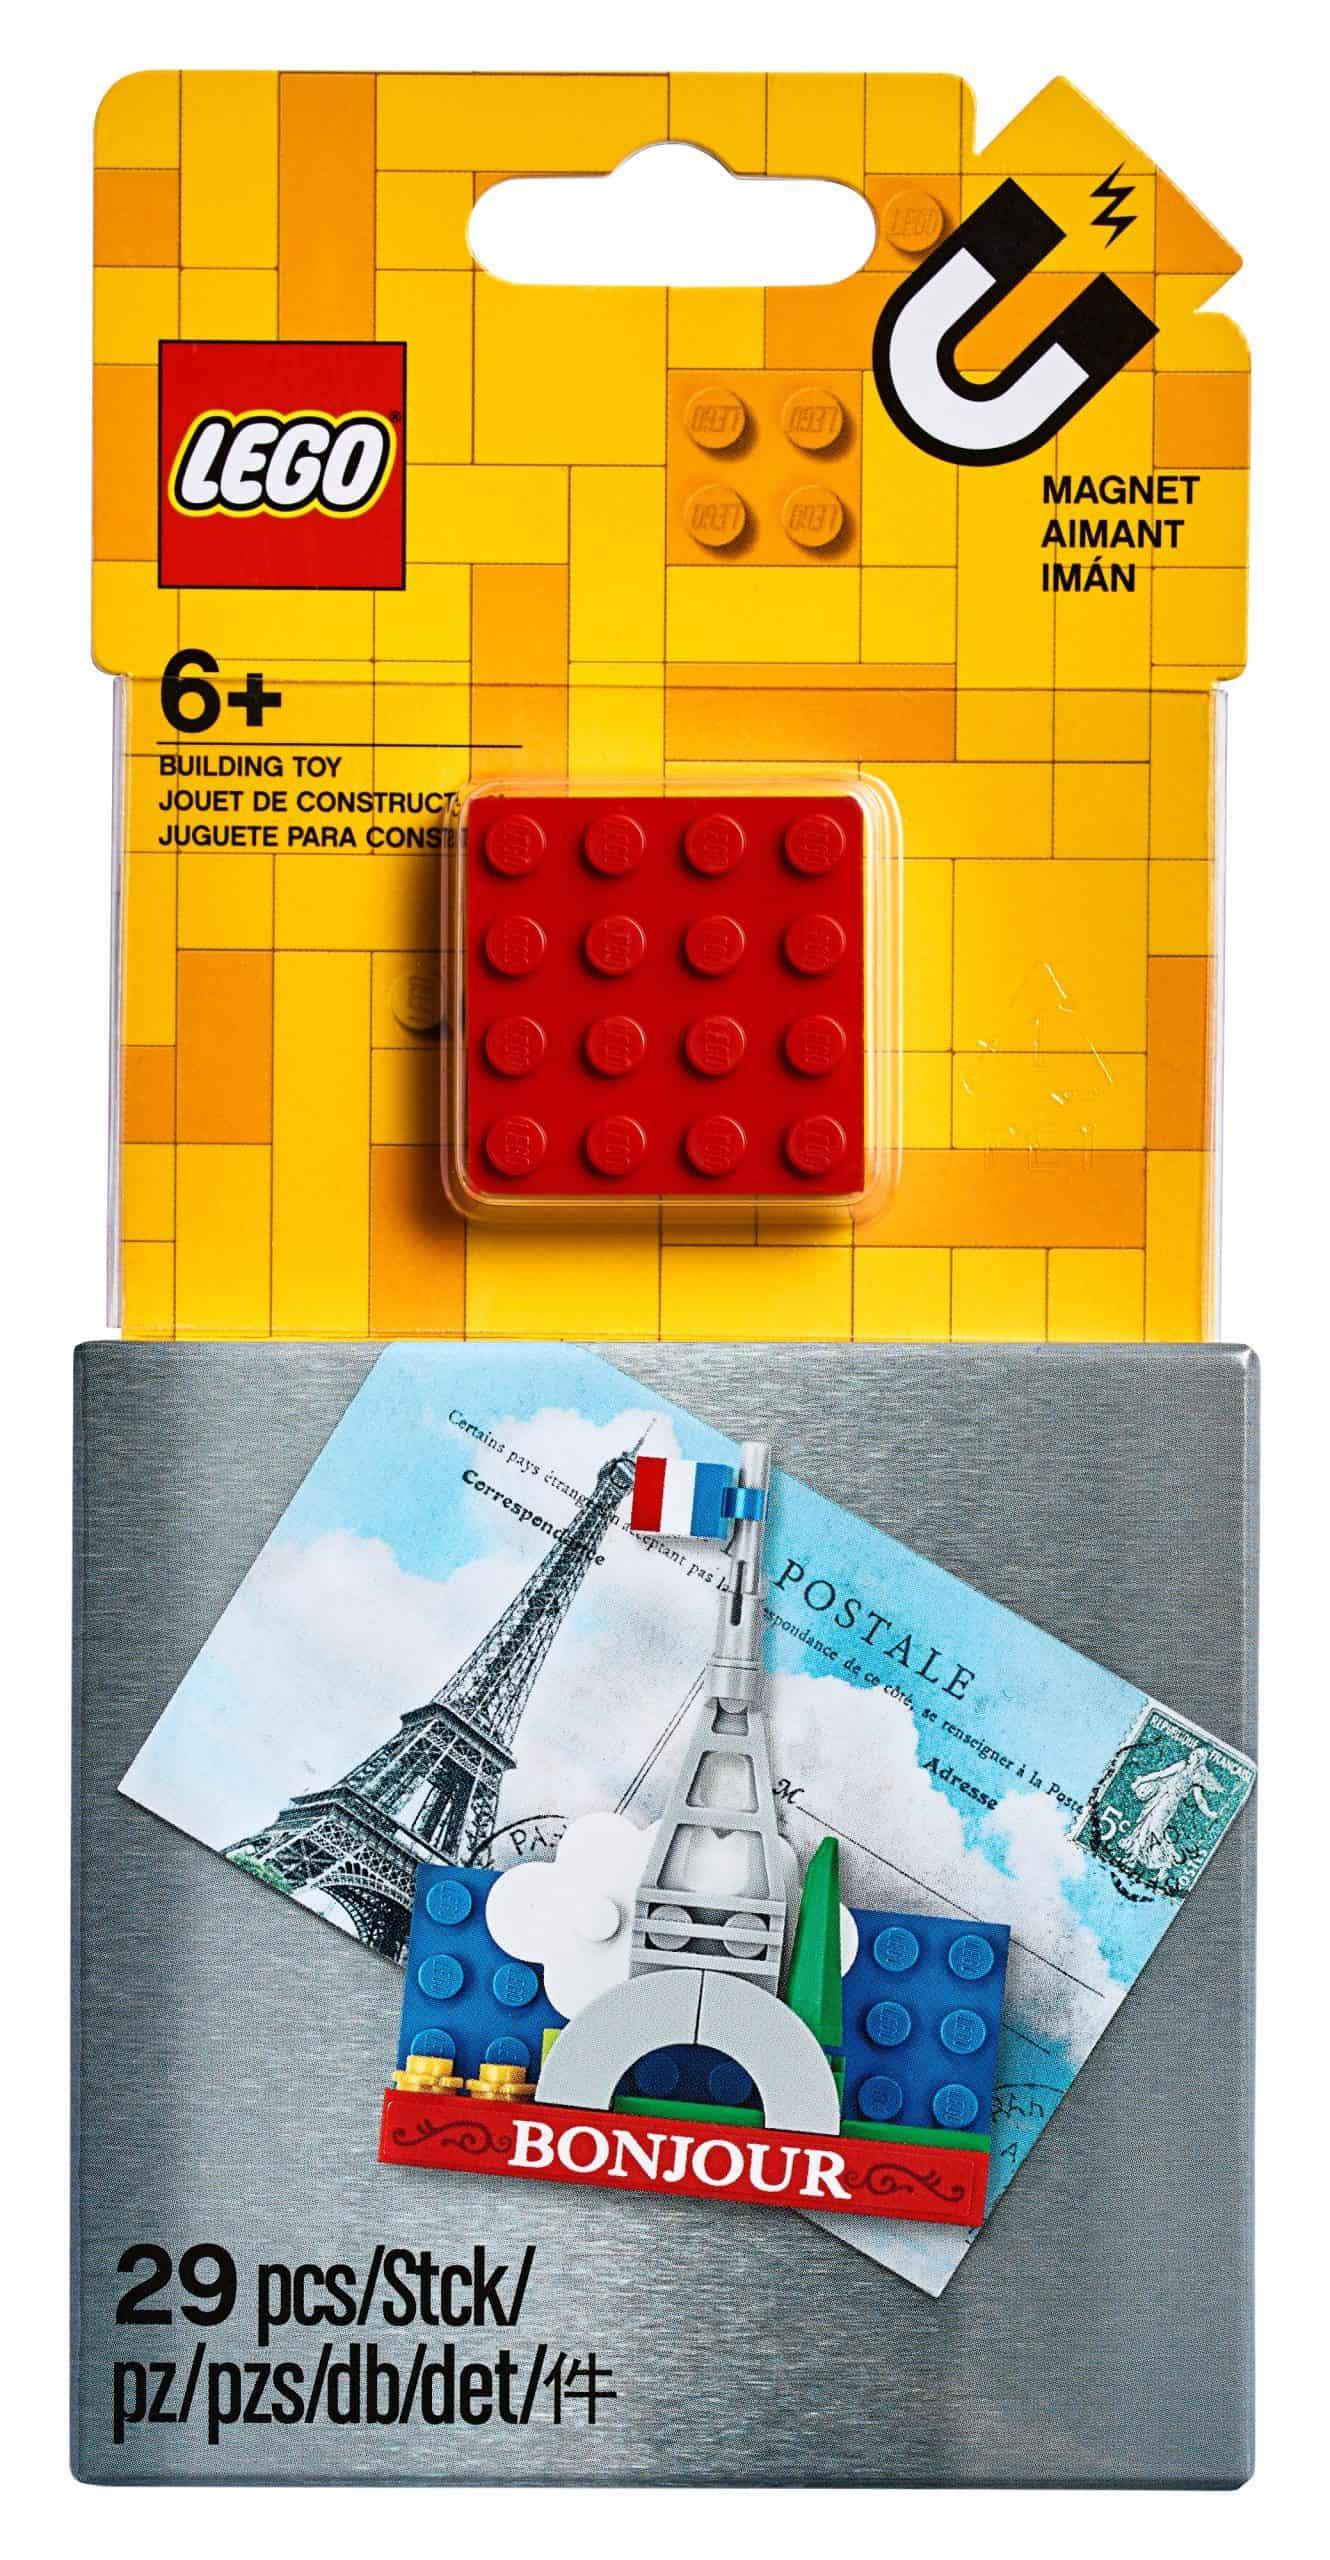 lego 854011 eiffeltarnet magnetmodel scaled